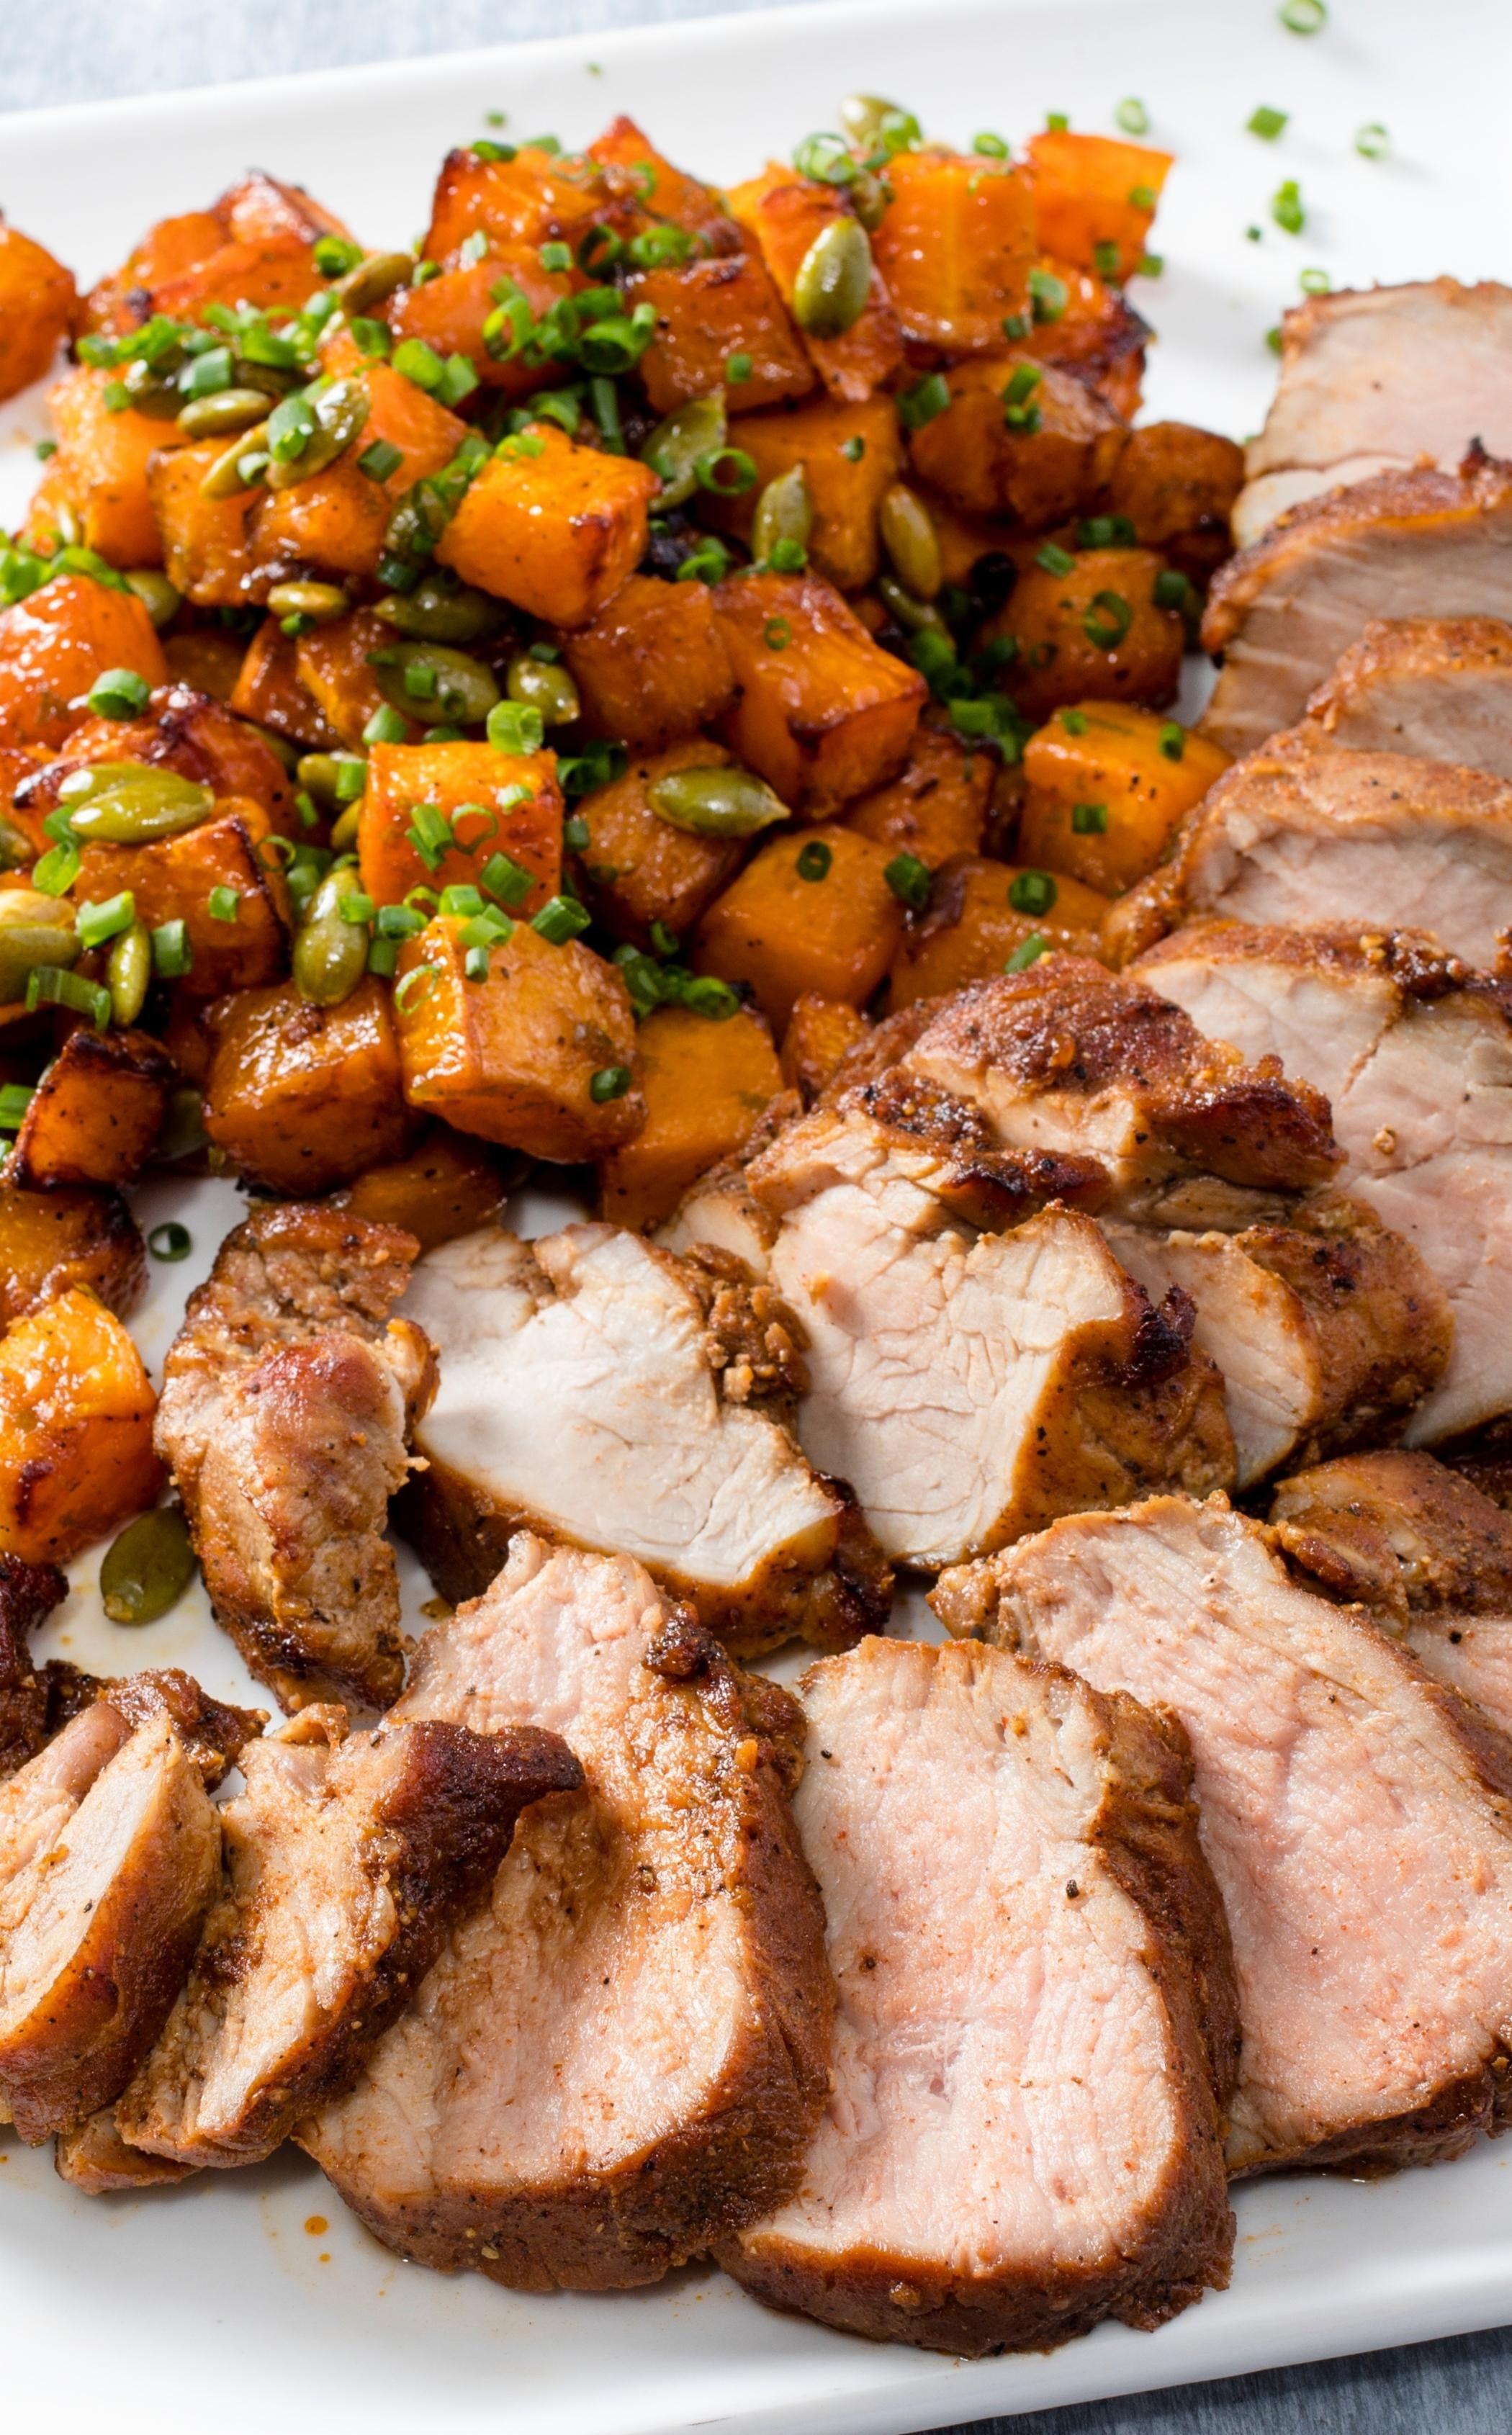 AirFryer Sweet and Smoky Pork Tenderloin with Butternut